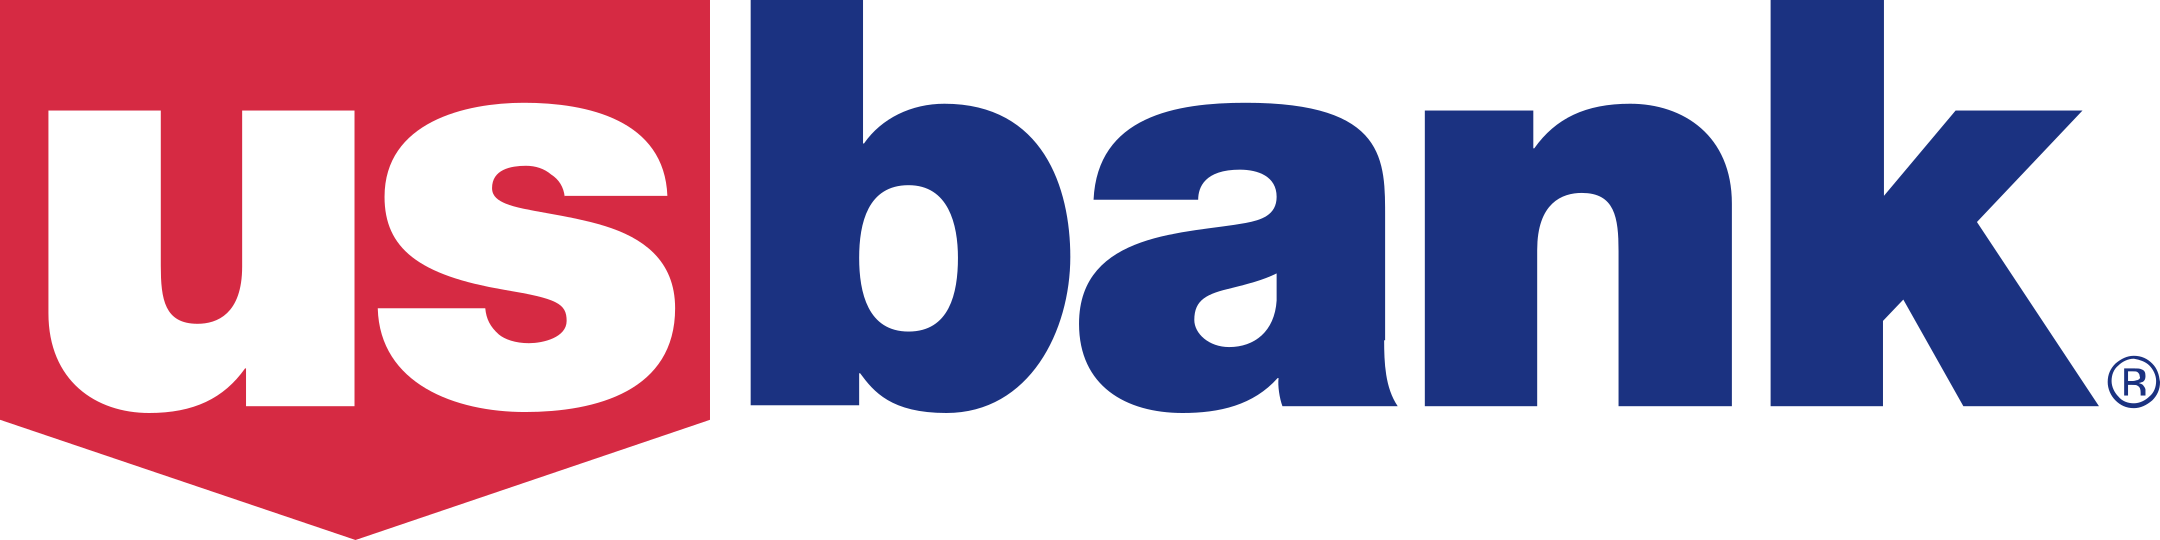 us bank logo 1 - US Bank Logo